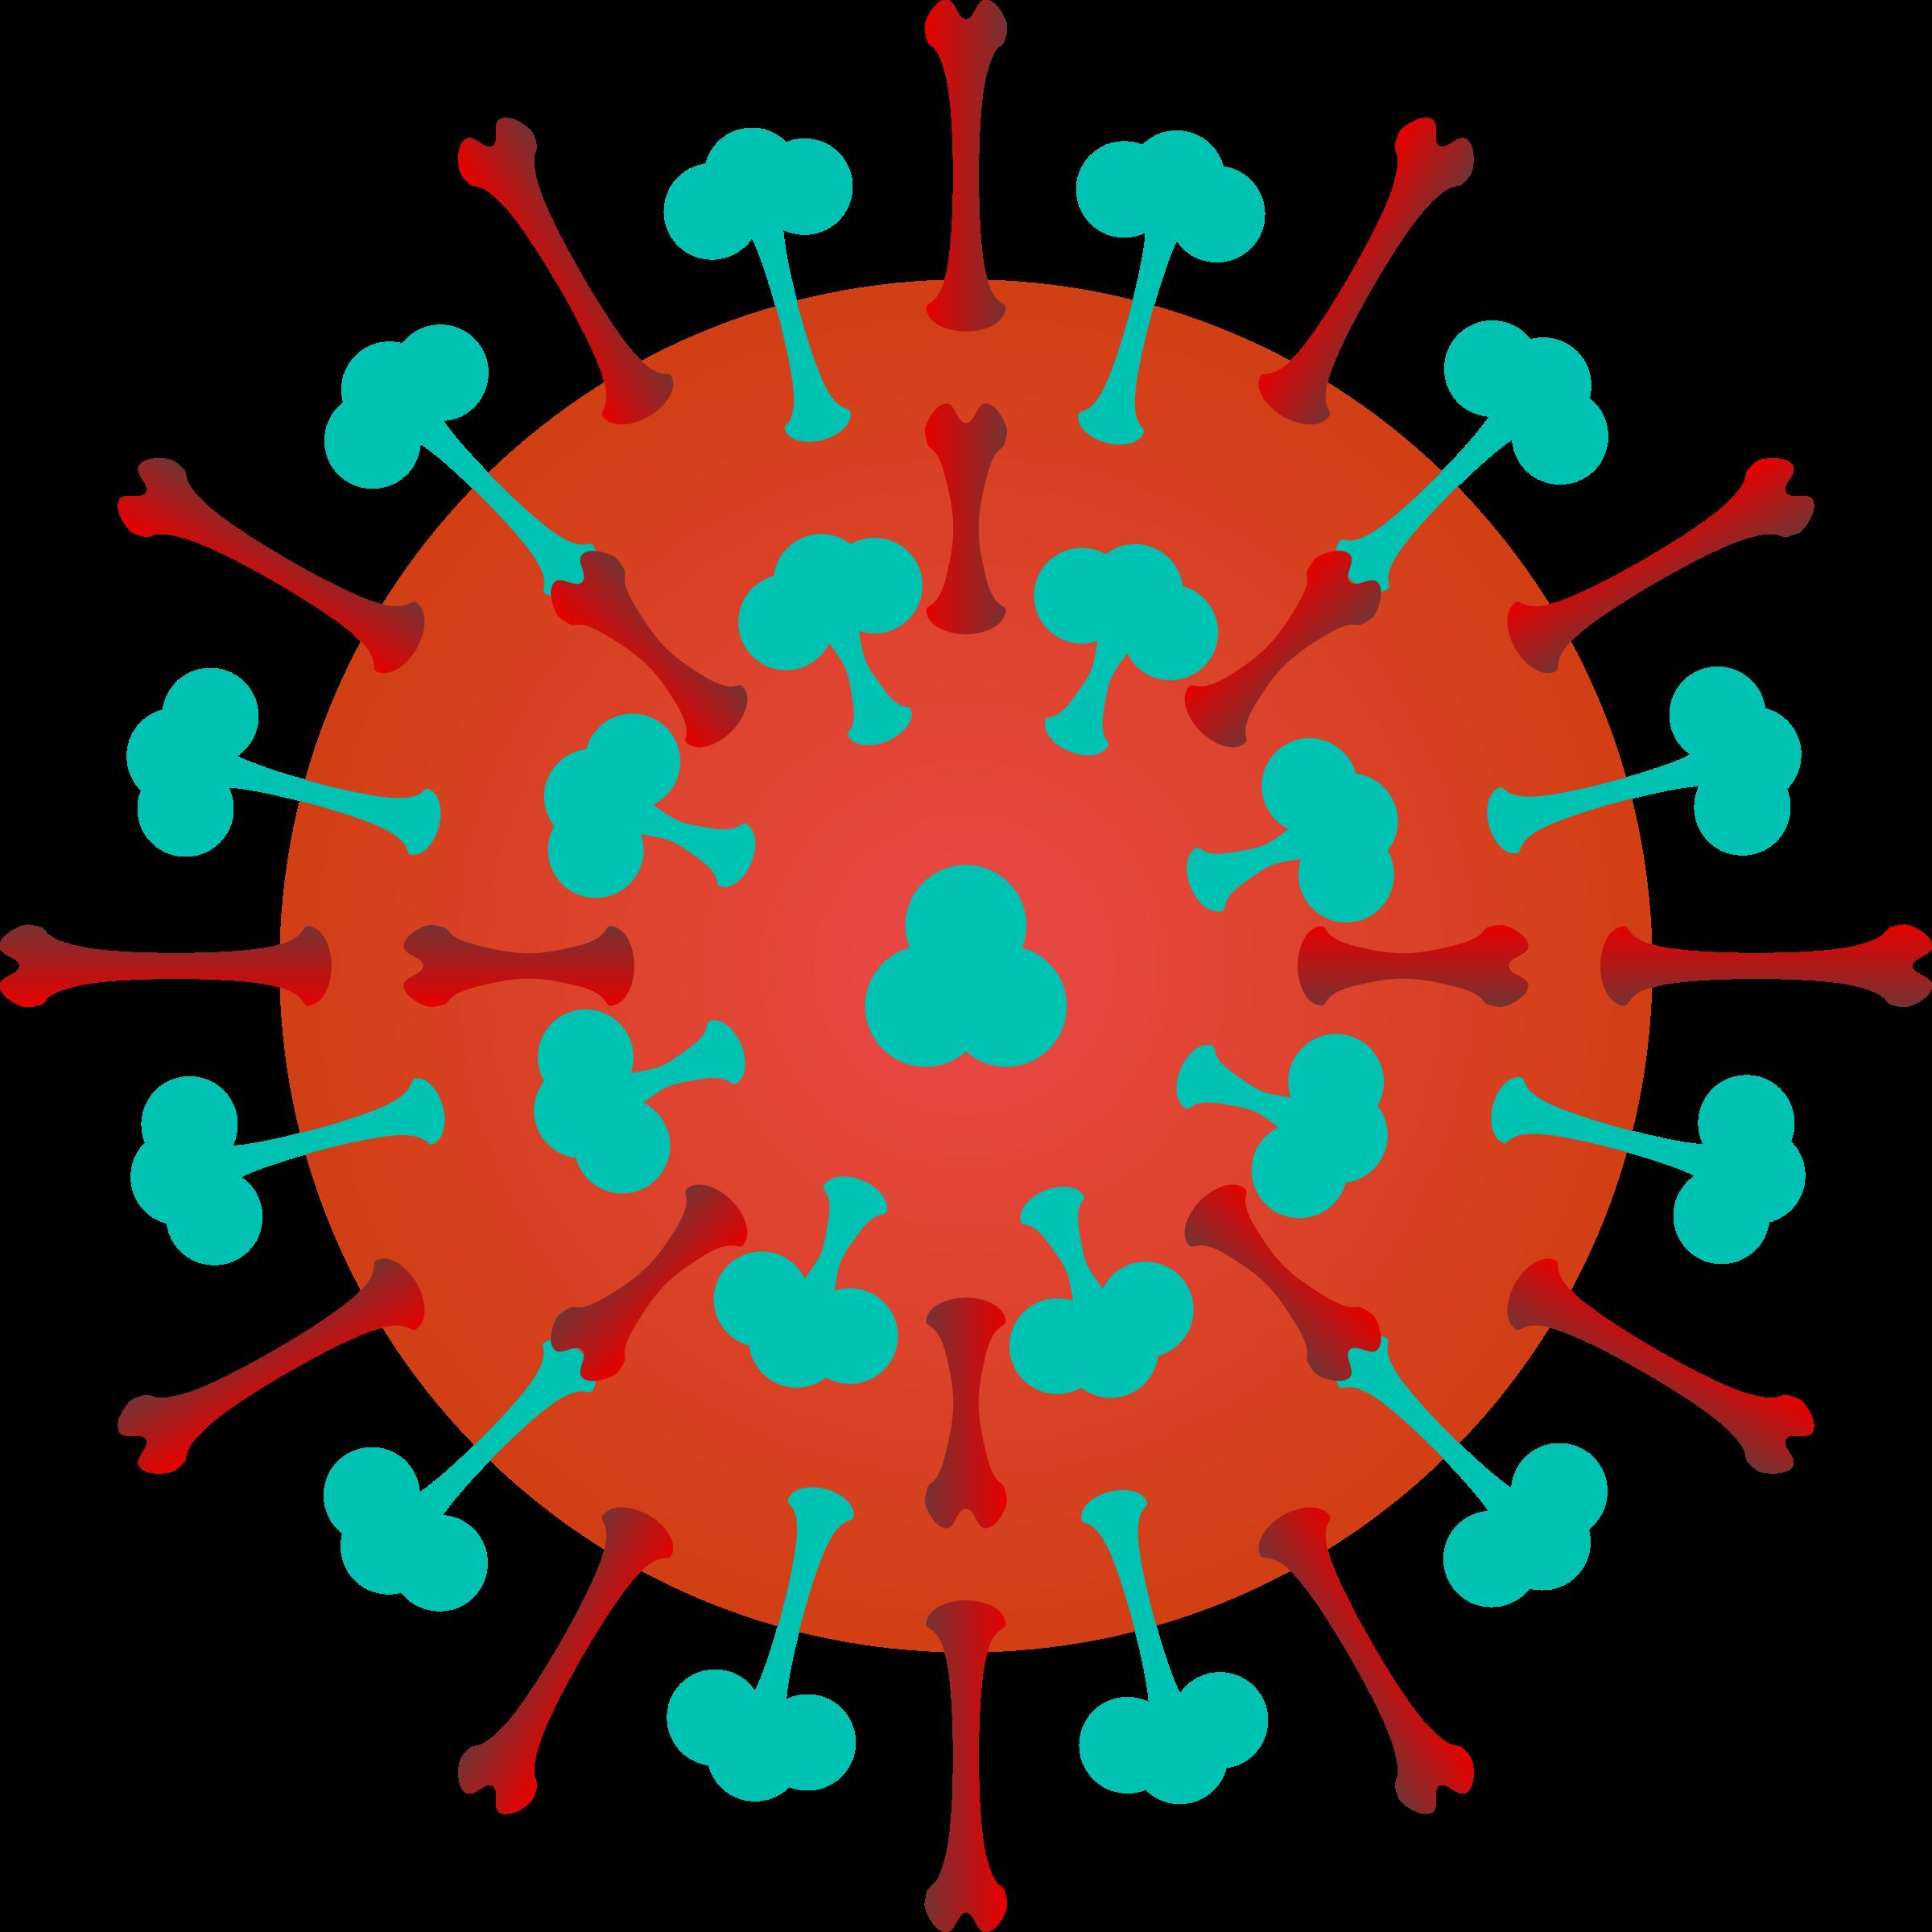 Virus clip art.